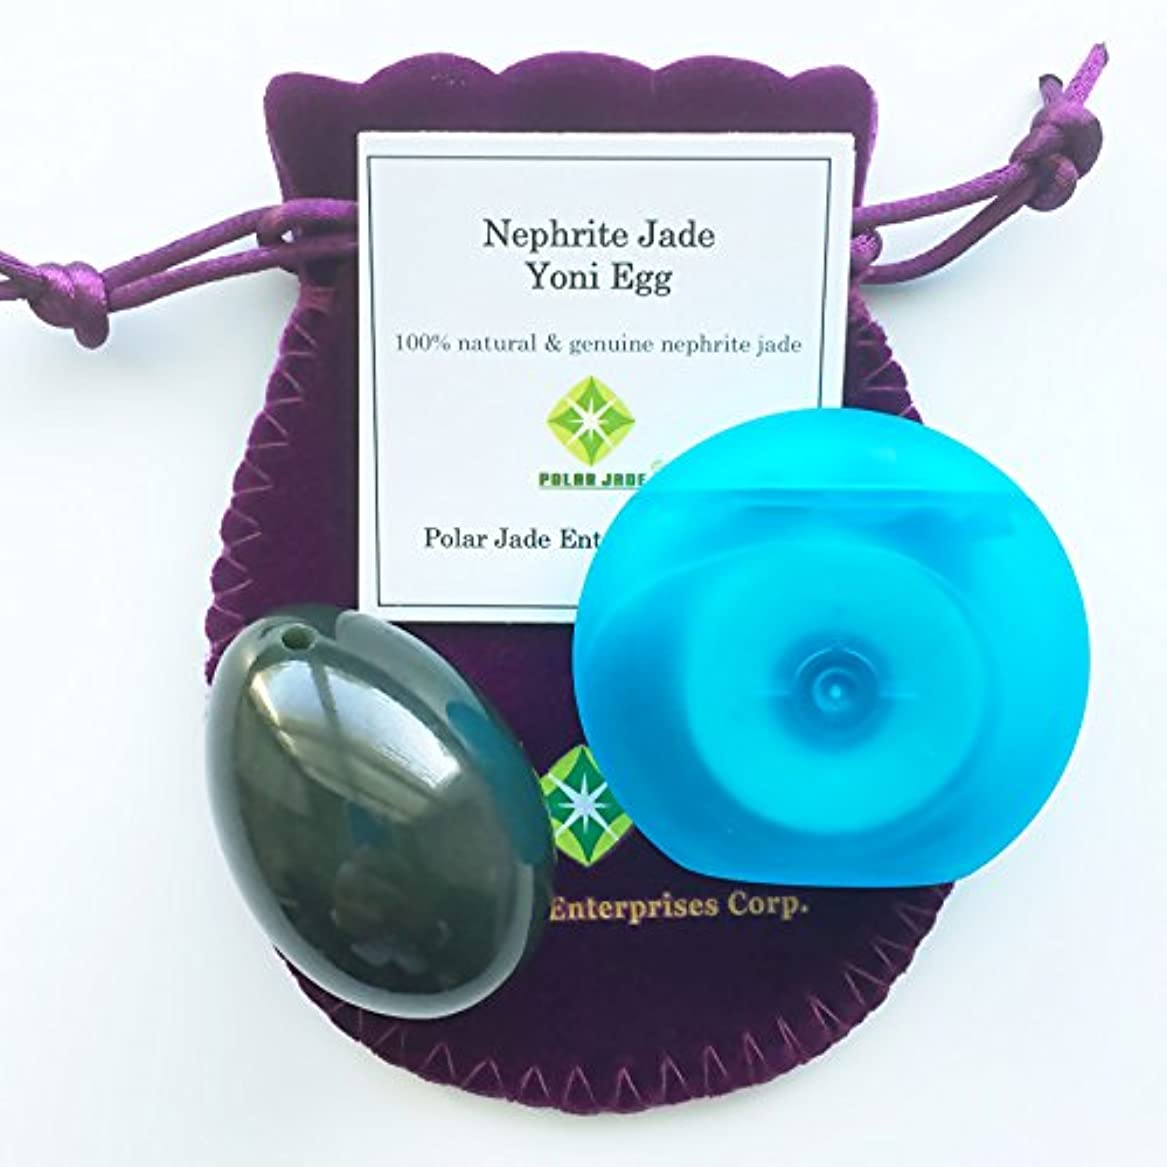 拍車スキーソロネフライト翡翠卵(ジェイドエッグ)、紐穴あり、ワックス加工のされていないデンタルフロス一箱同梱、品質証明書及びエッグ?エクササイズの使用説明書(英語)付き、パワーストーンとしても好適 (Nephrite Jade Egg...